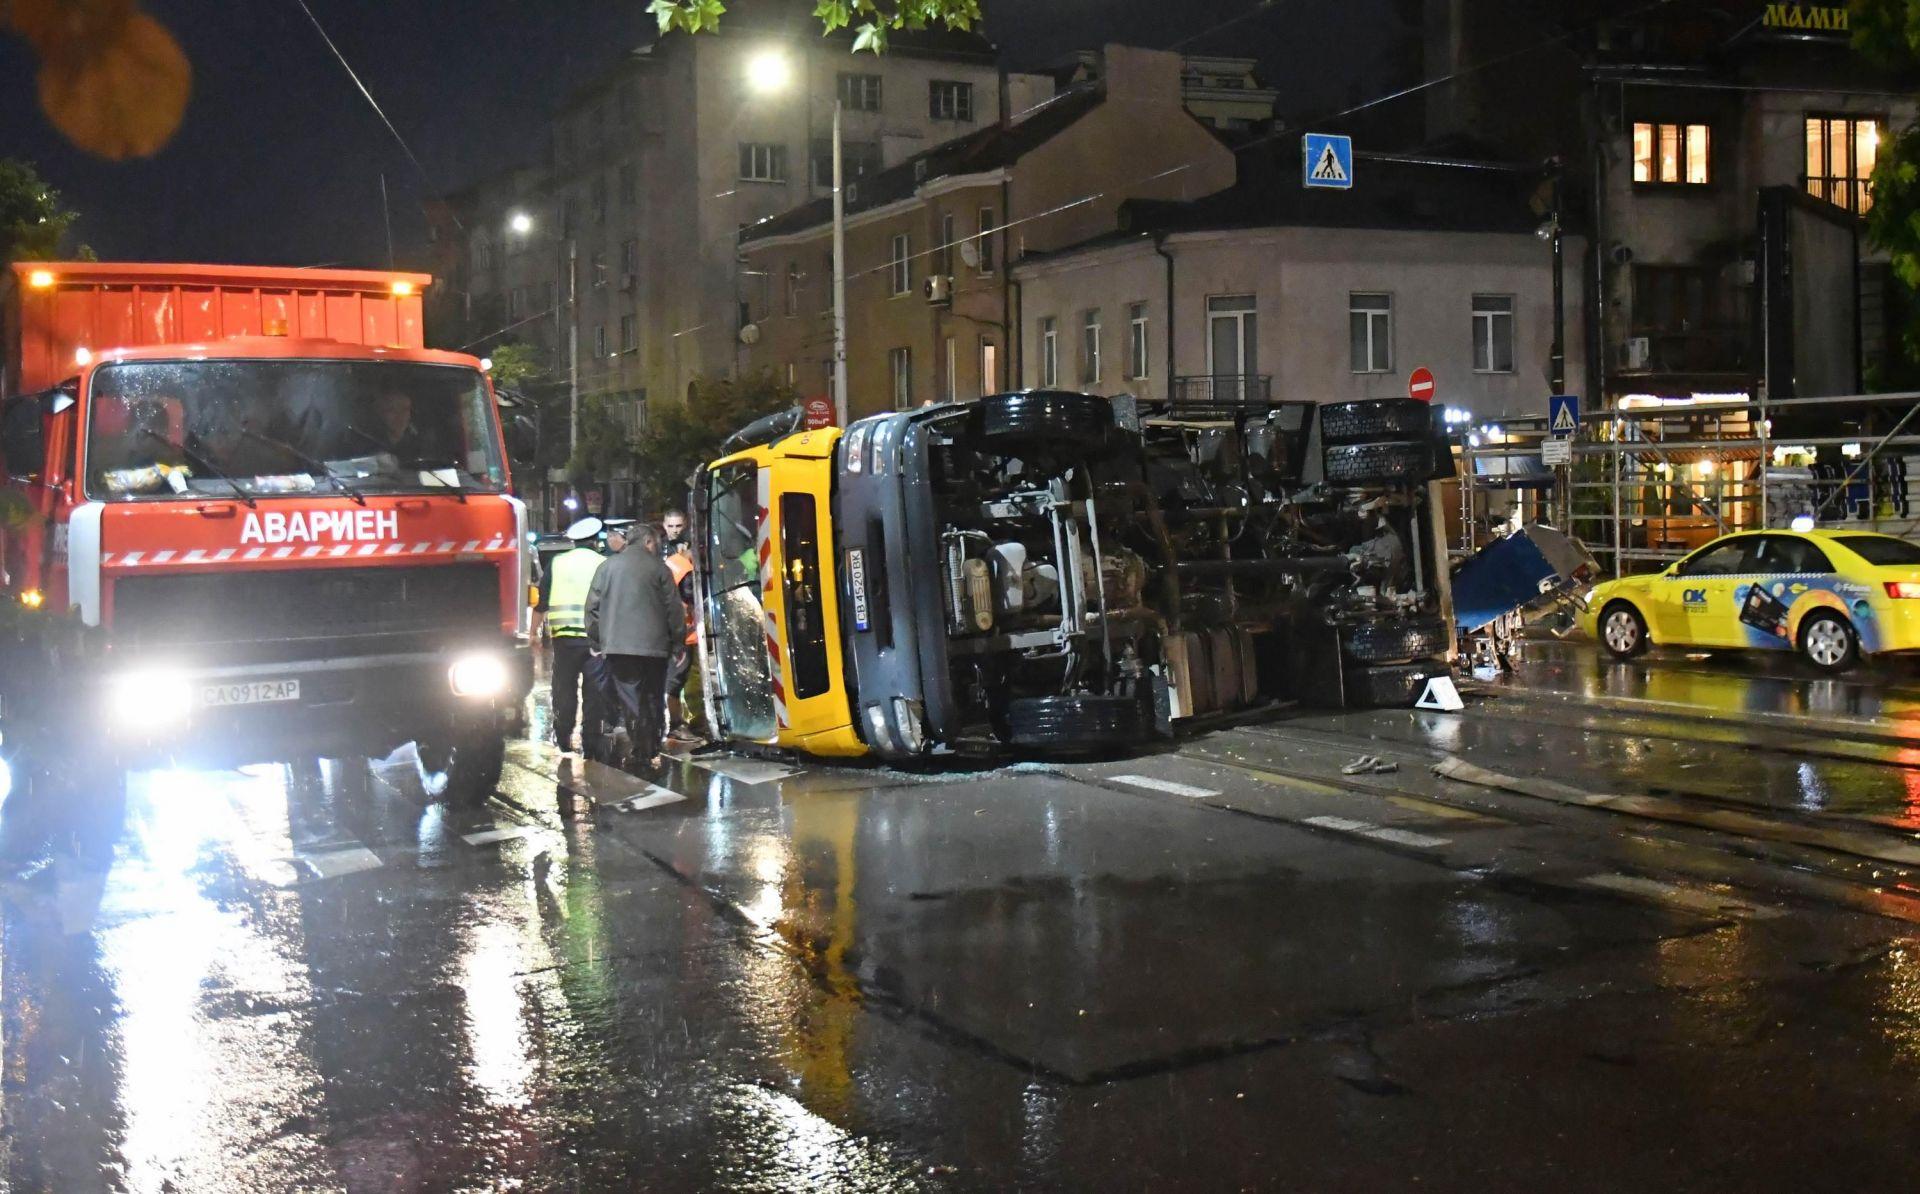 """Автомобилът за сметосъбиране, който снощи се обърна на мокра настилка на бул. """"Христо Ботев"""" блокира за дълго движението"""